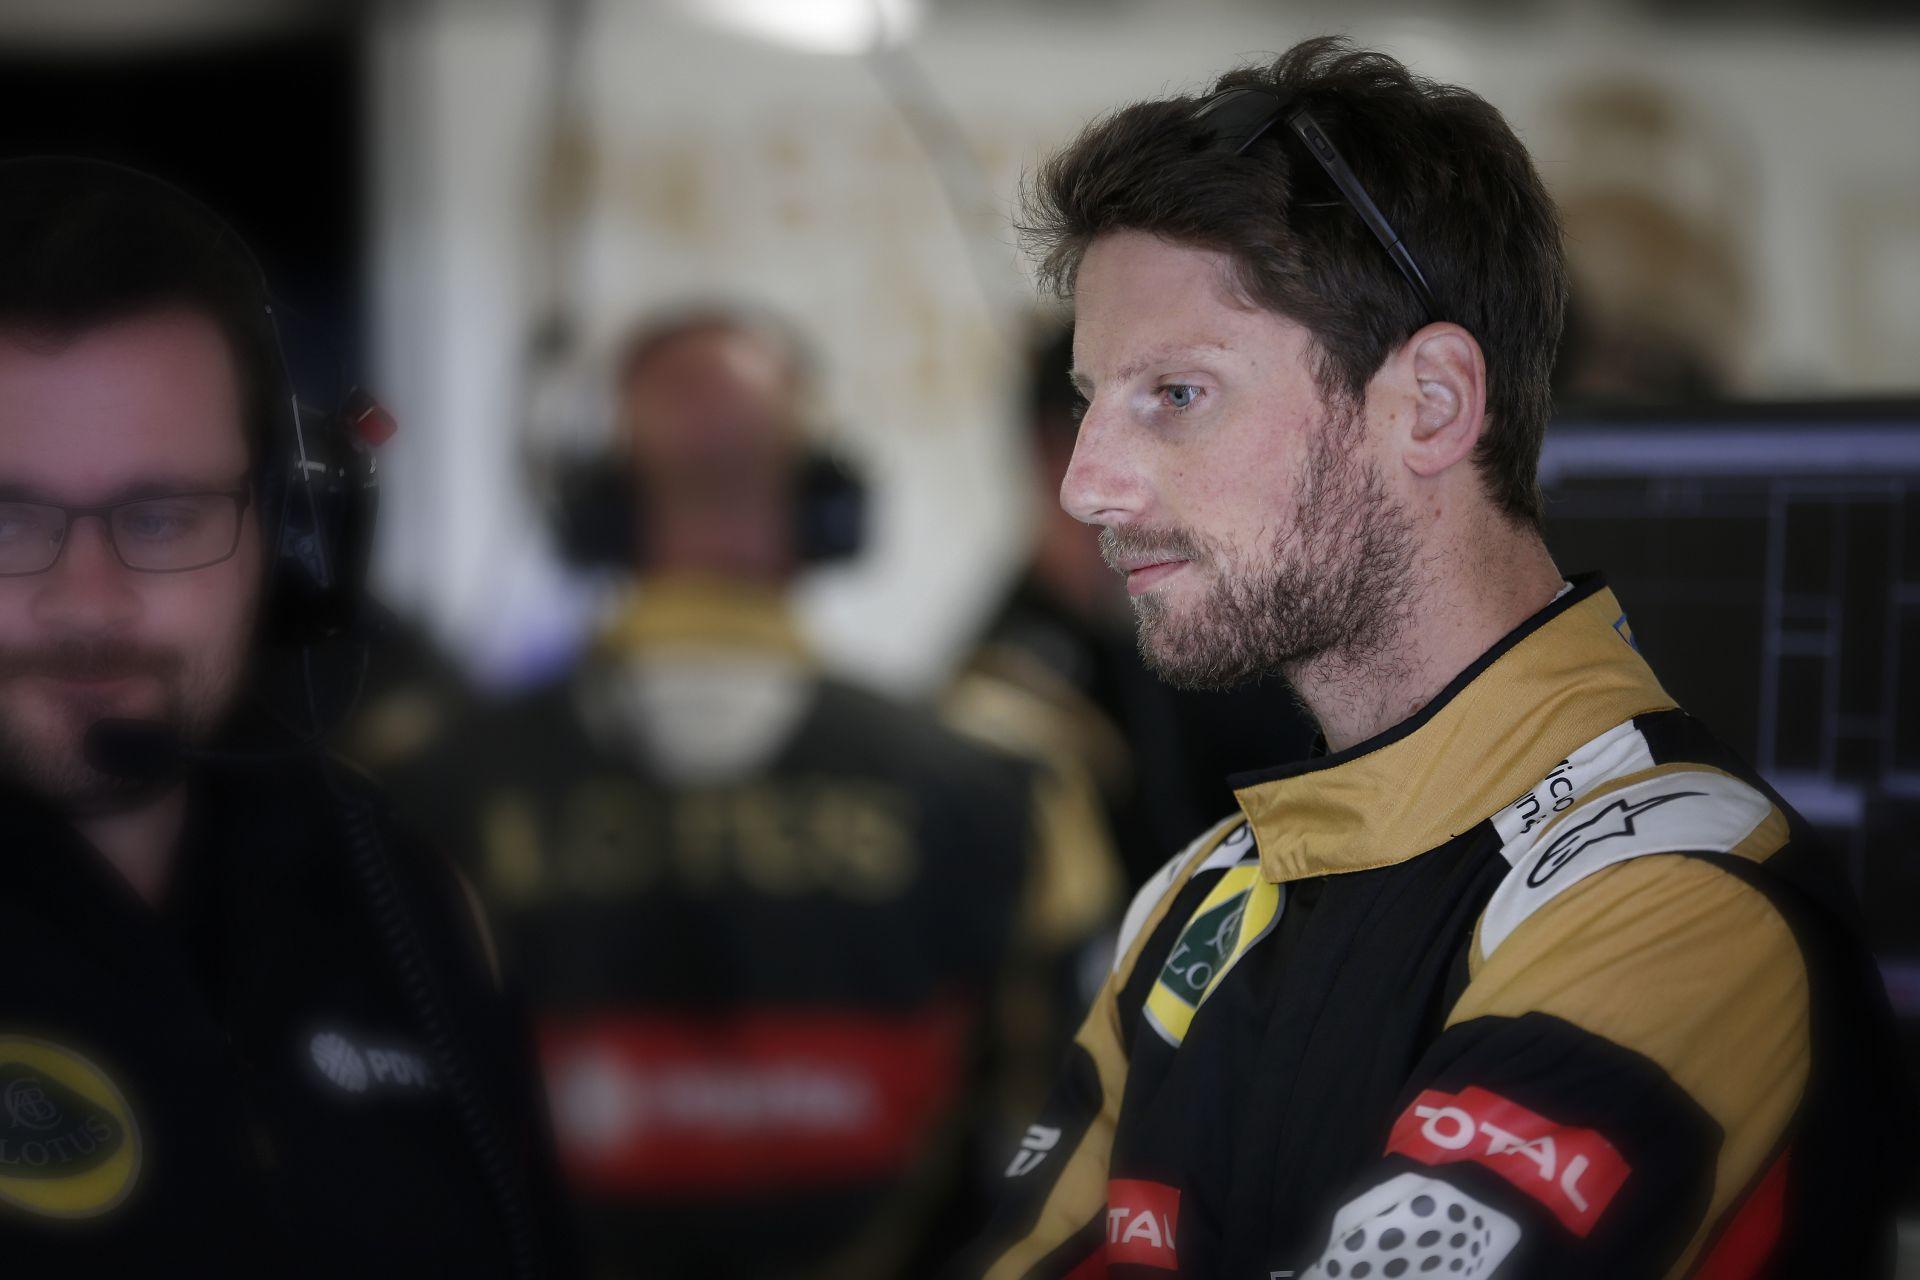 Grosjean: Csoda, hogy egy ilyen baleset után szinte sértetlenül szálltam ki, köszönöm a biztonságos Forma-1-nek!